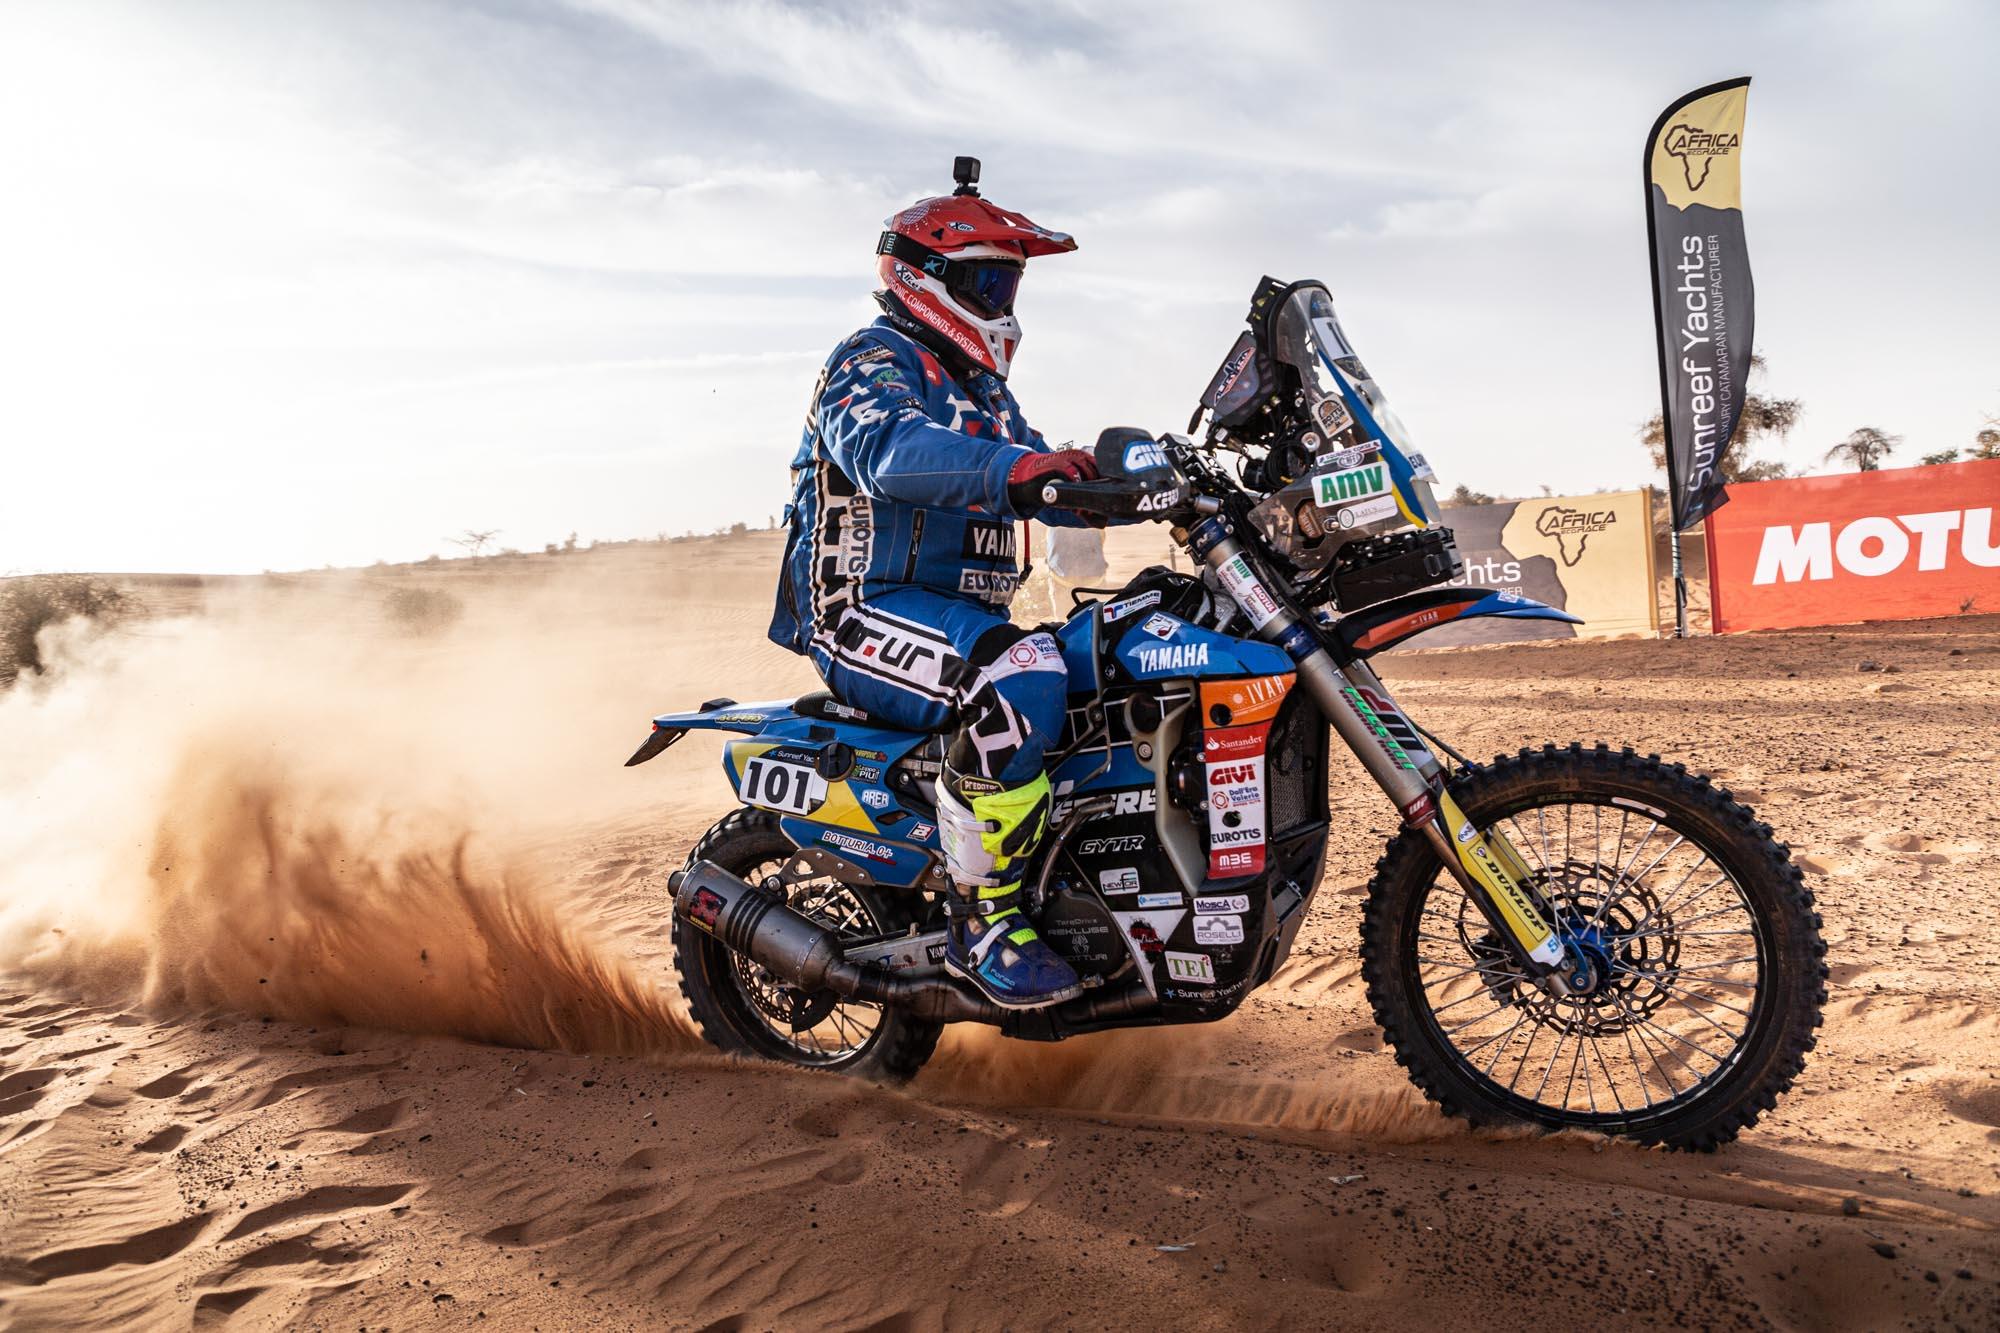 Botturi ha trionfato all'Africa Eco Race – Grande soddisfazione per la Angelo Caffi Squadra Corse